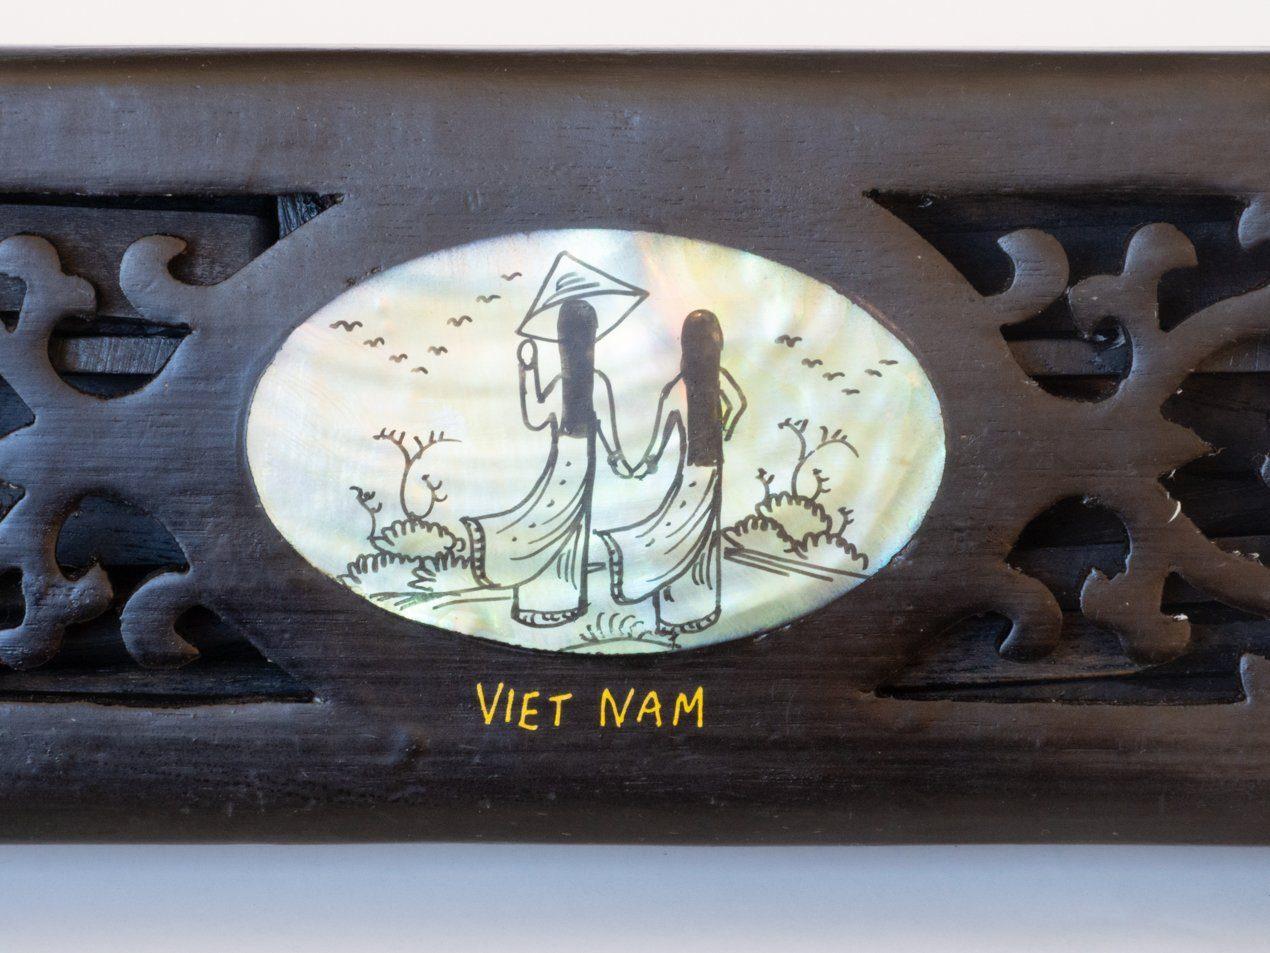 Cajita de madera con palillos orientales: Cajita de madera con palillos y apoyos decorados en nácar. Tallado a mano. Origen: Sapa, Vietnam.